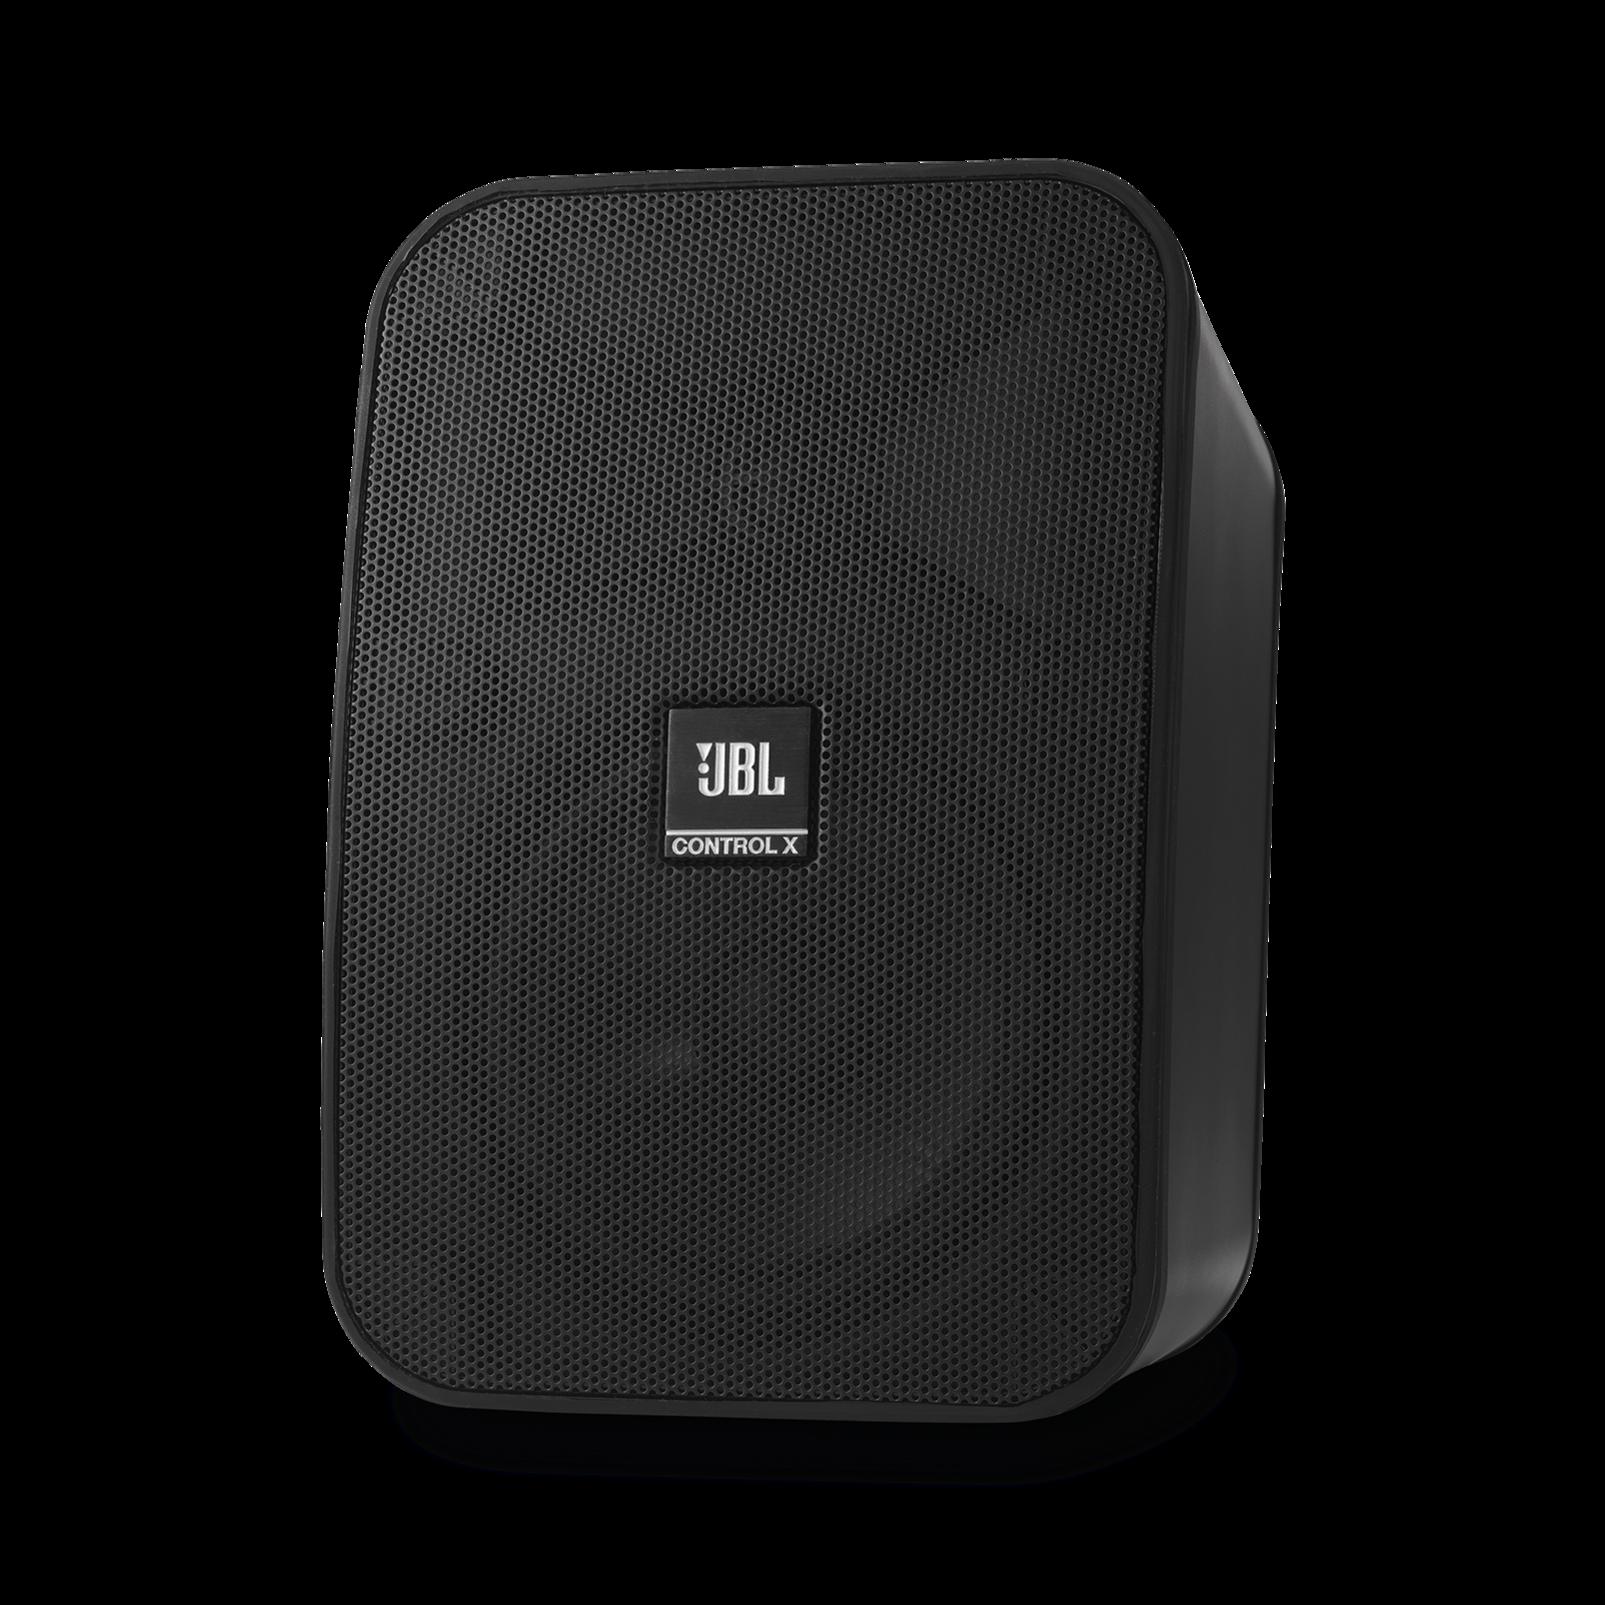 """JBL Control X - Black - 5.25"""" (133mm) Indoor / Outdoor Speakers - Detailshot 7"""